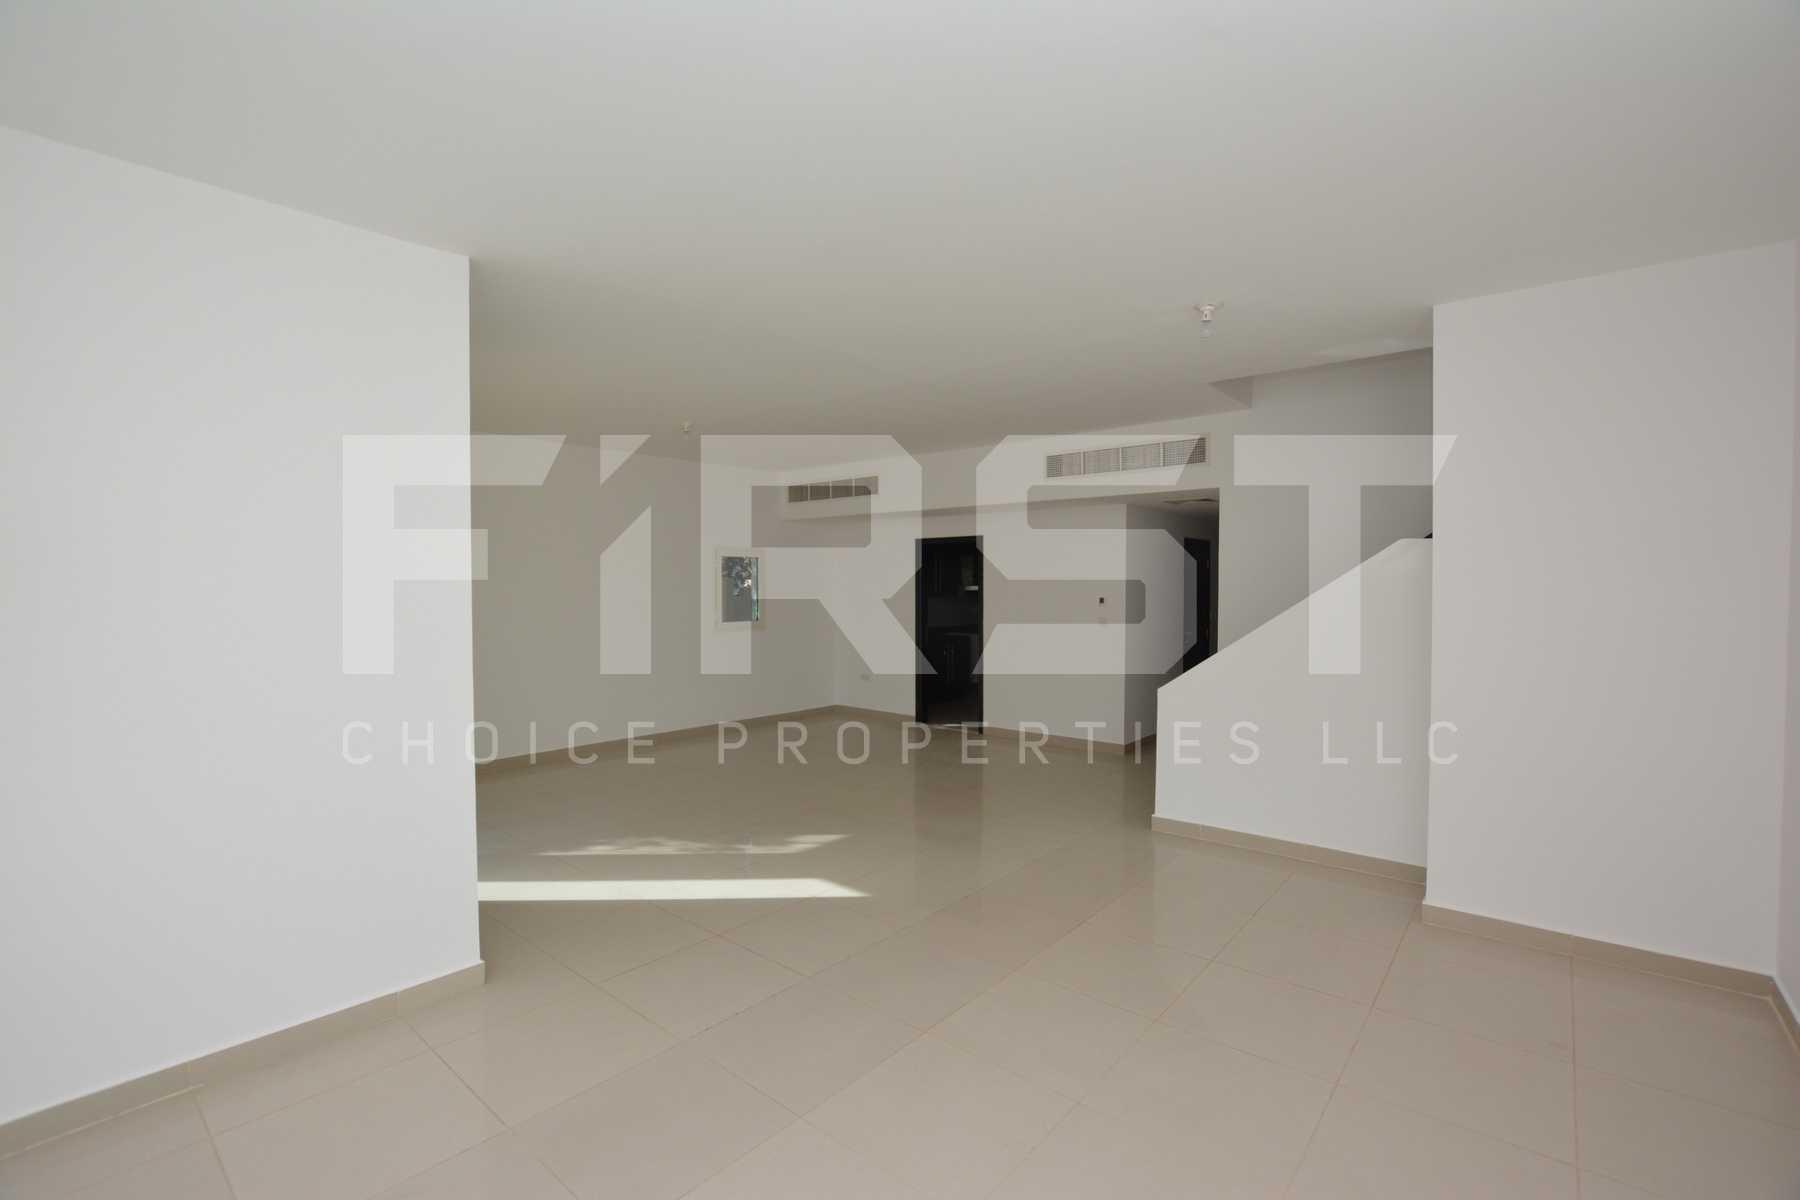 Internal Photo of 5 Bedroom Villa in Al Reef Villas 348.3 sq.m 3749 sq.ft (3).jpg